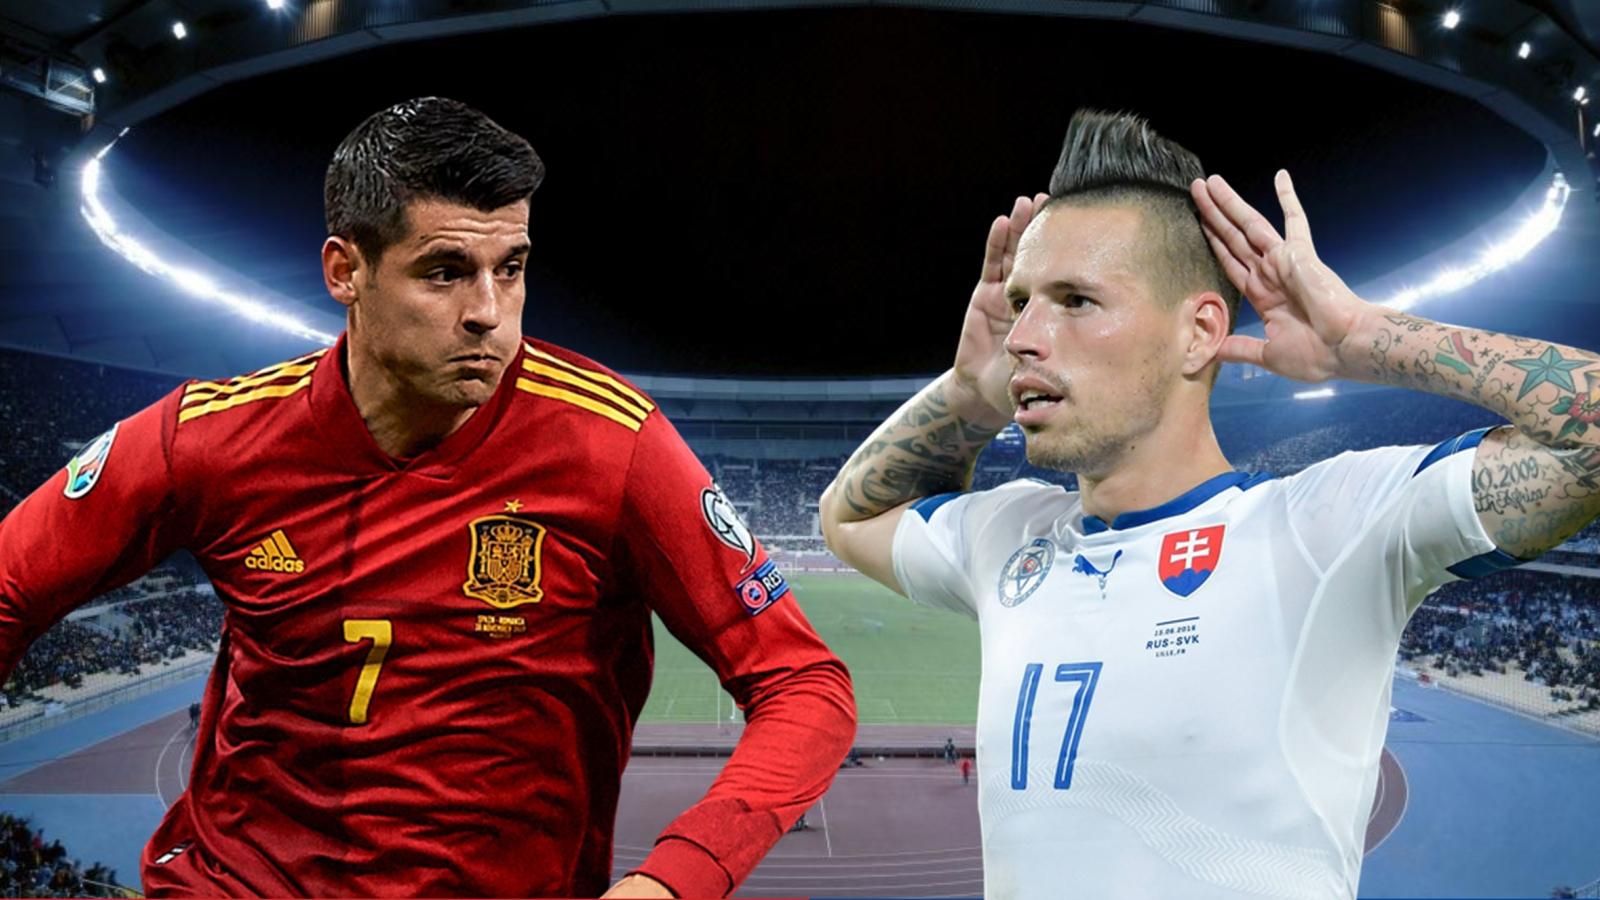 Dự đoán tỷ số, đội hình xuất phát trận Tây Ban Nha - Slovakia